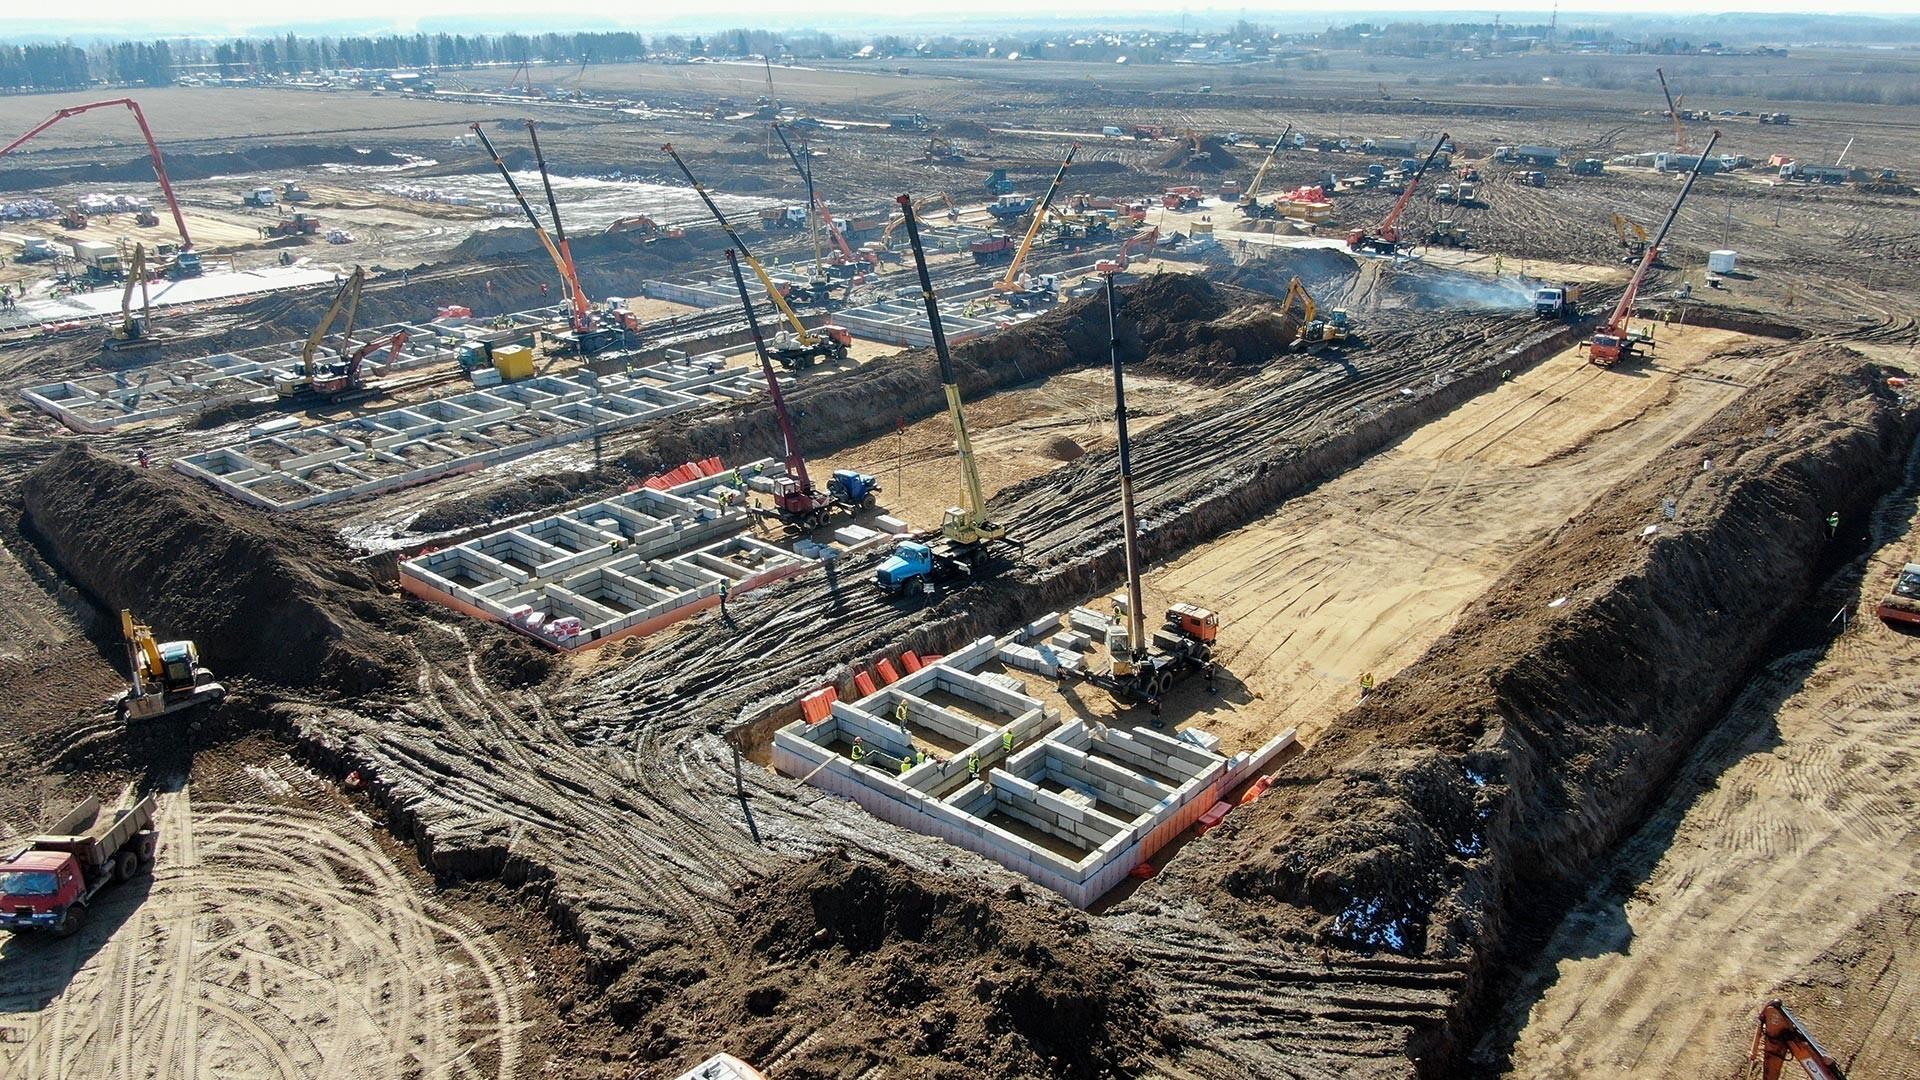 Текот на изградбата на комплексот на нова инфективна клиника, Троицки и Новомосковски административен округ, Москва